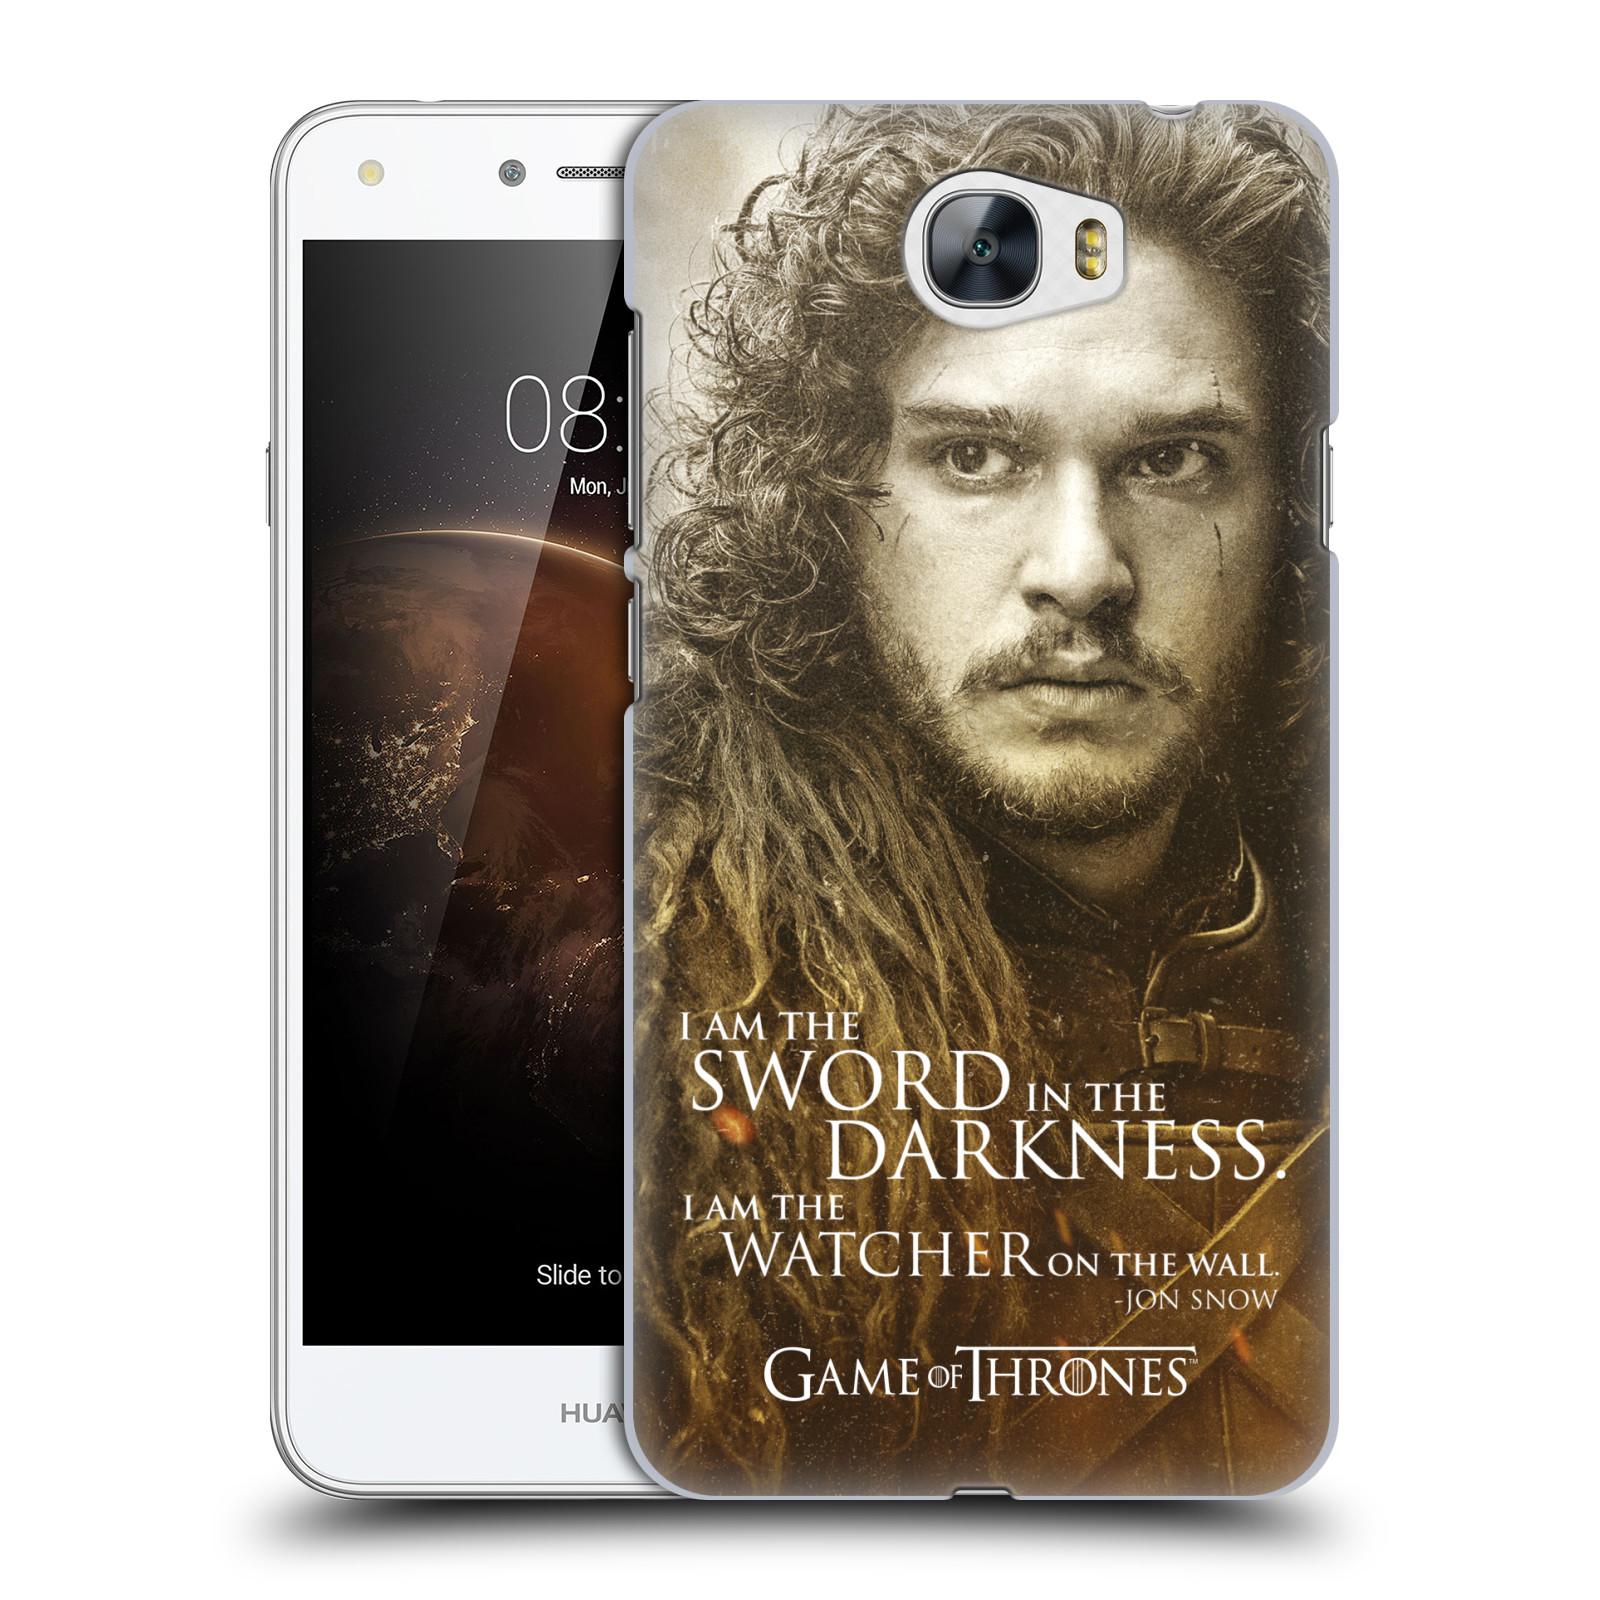 Plastové pouzdro na mobil Huawei Y5 II HEAD CASE Hra o trůny - Jon Snow (Plastový kryt či obal na mobilní telefon s licencovaným motivem Hra o trůny - Game Of Thrones pro Huawei Y5 II)